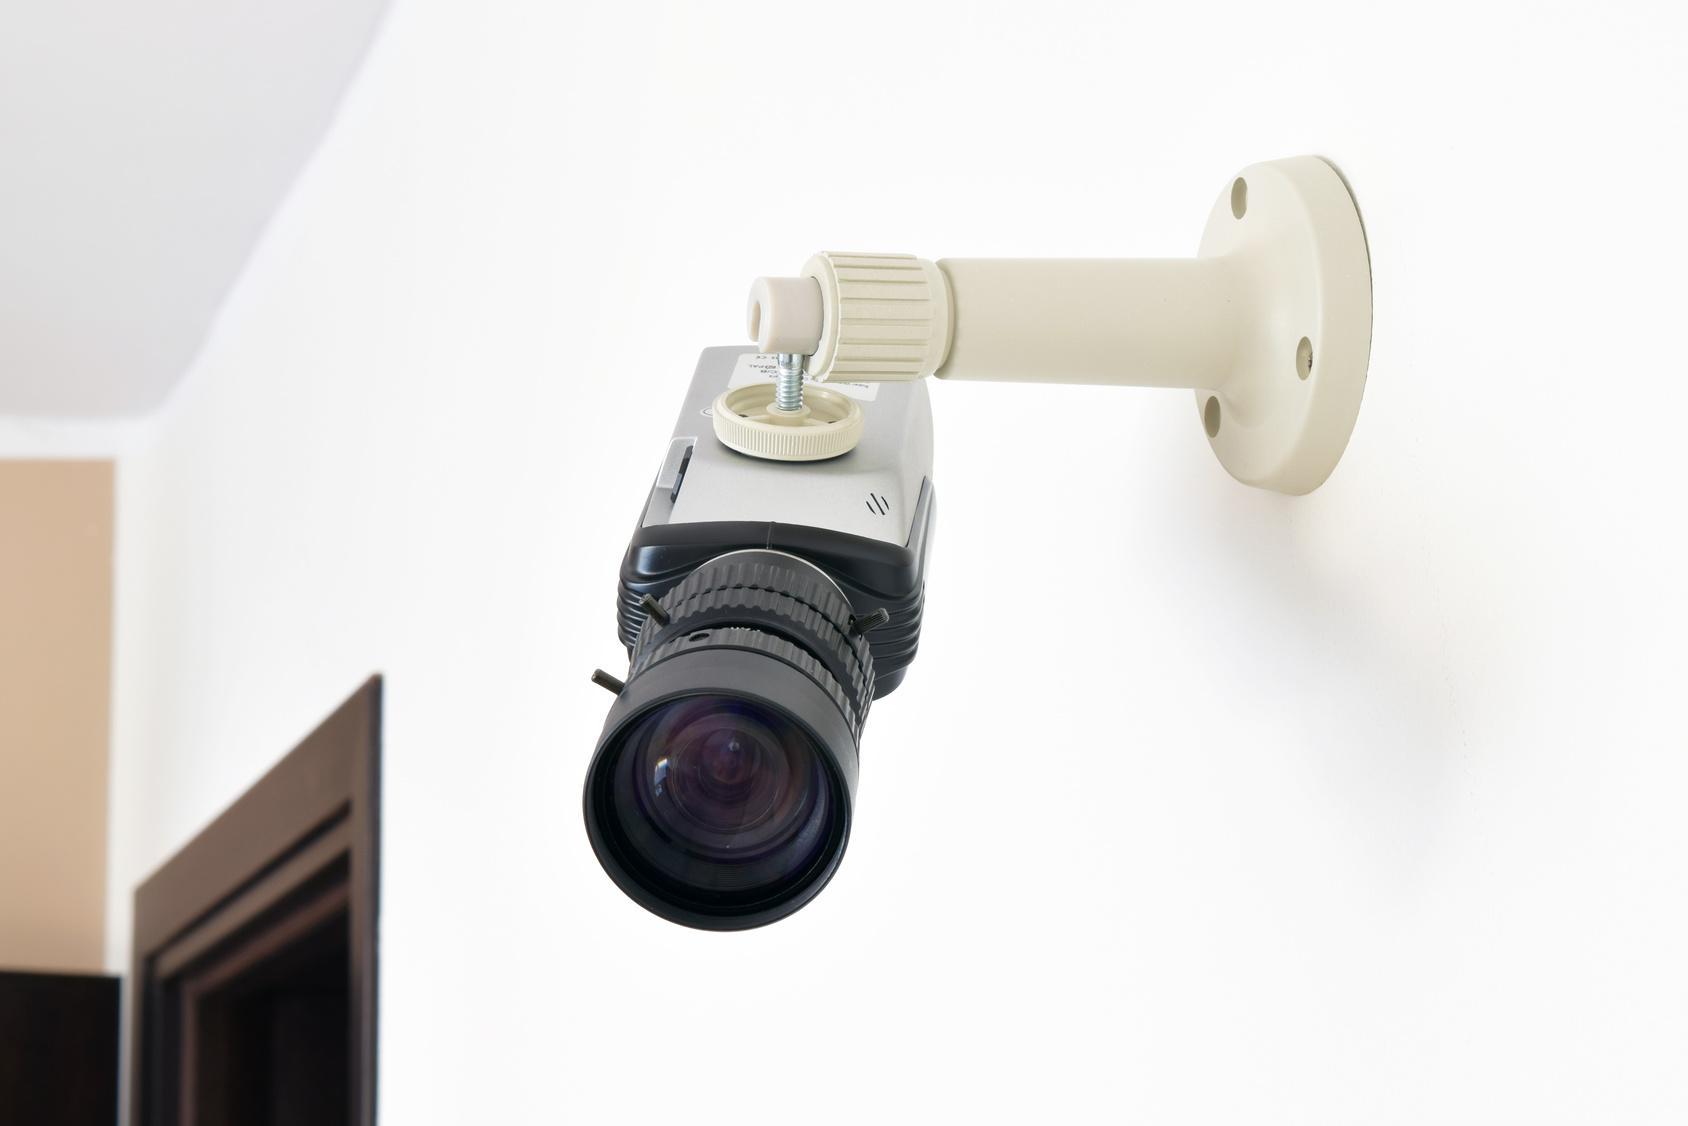 防犯カメラのメリット・デメリット!本物とダミーのどちらを選ぶ?